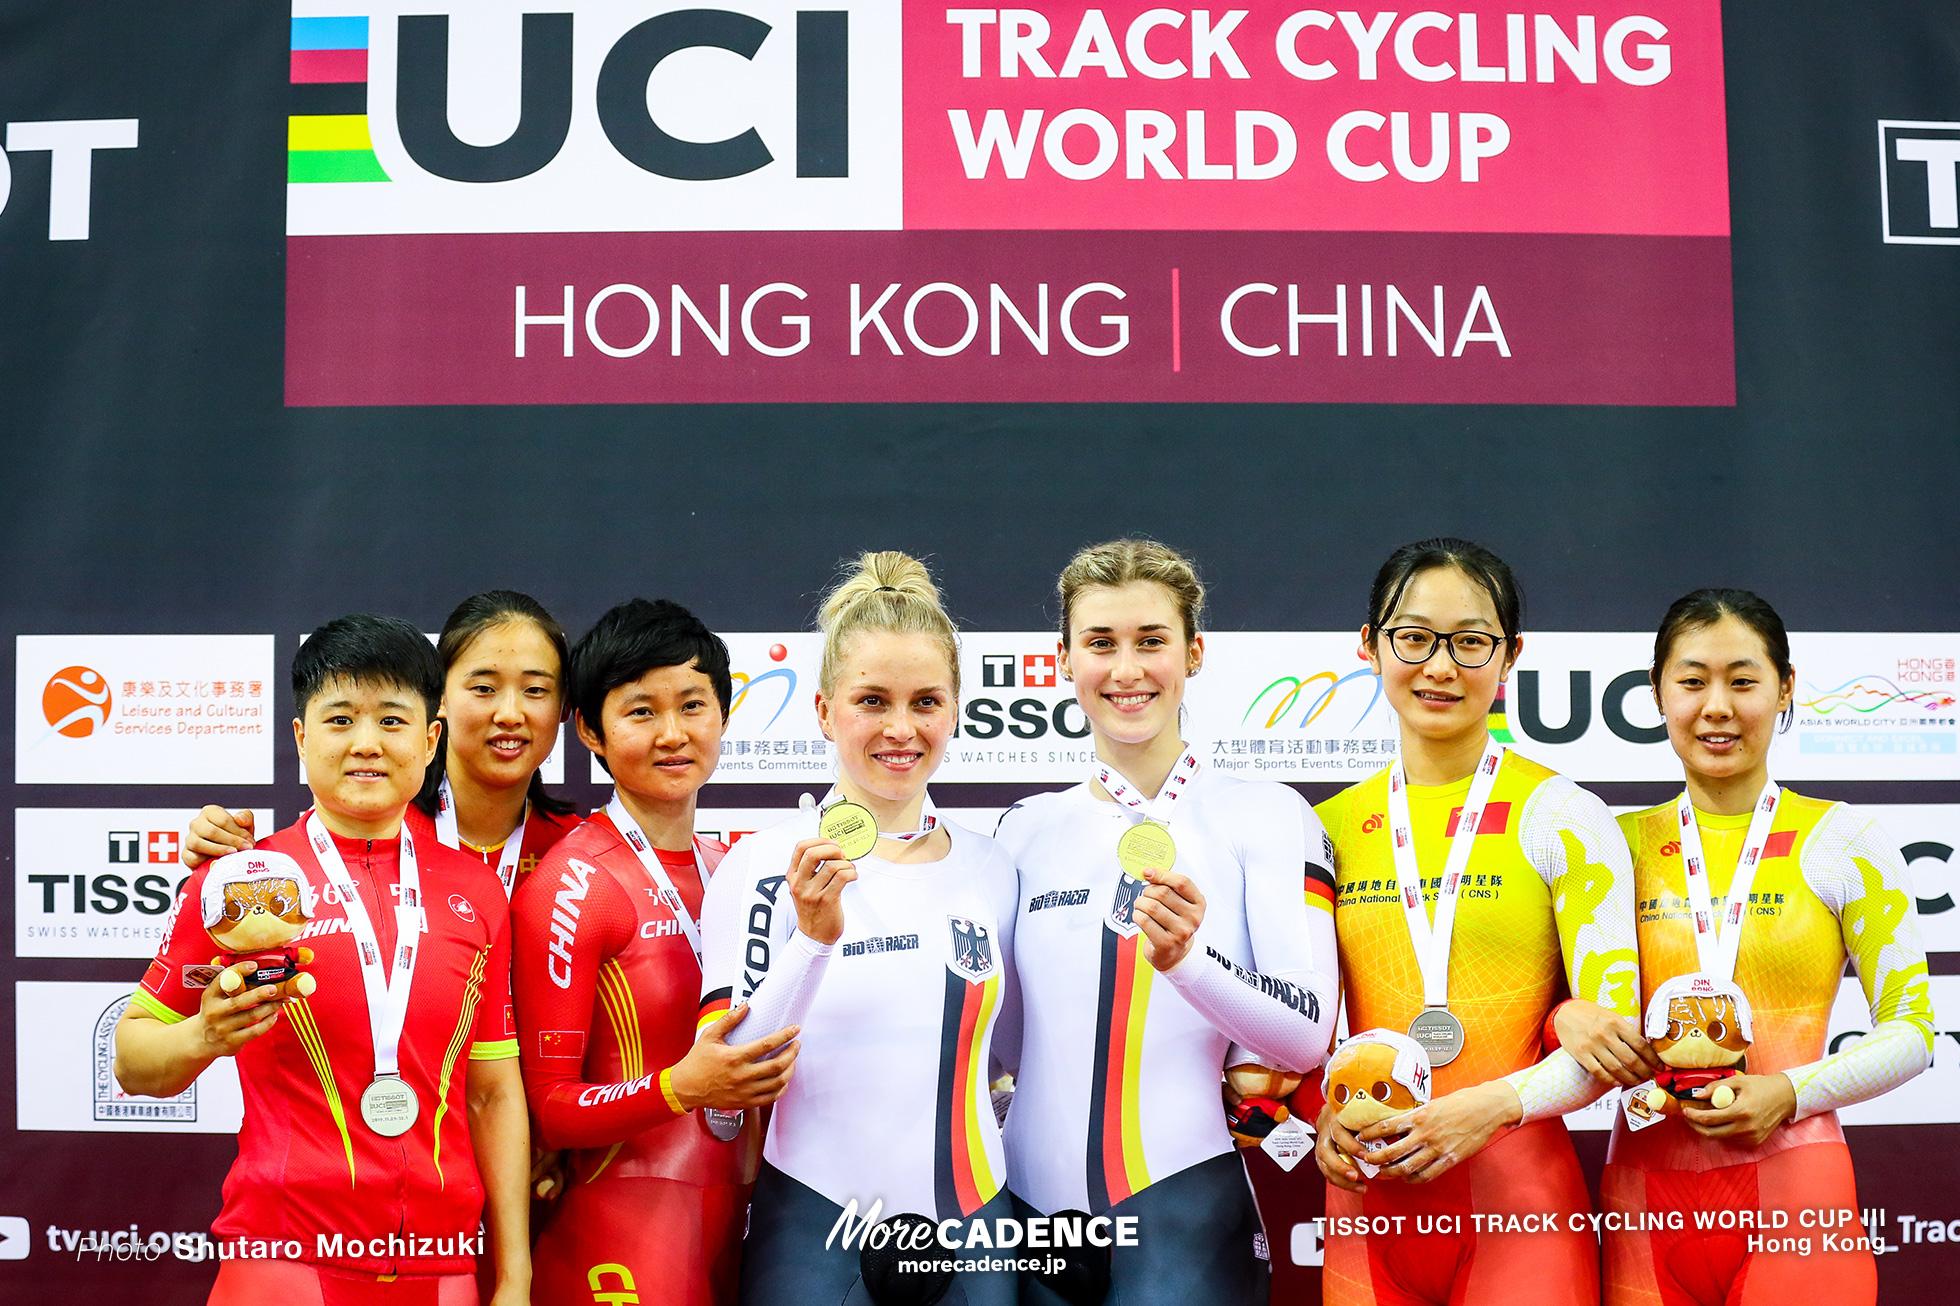 Women's Team Sprint / TISSOT UCI TRACK CYCLING WORLD CUP III, Hong Kong, Pauline Sophie GRABOSCH ポーリン・グラボッシュ Emma HINZE エマ・ヒンツェ LIN Junhong ZHONG Tianshi ZHUANG Wei ZHANG Linyin